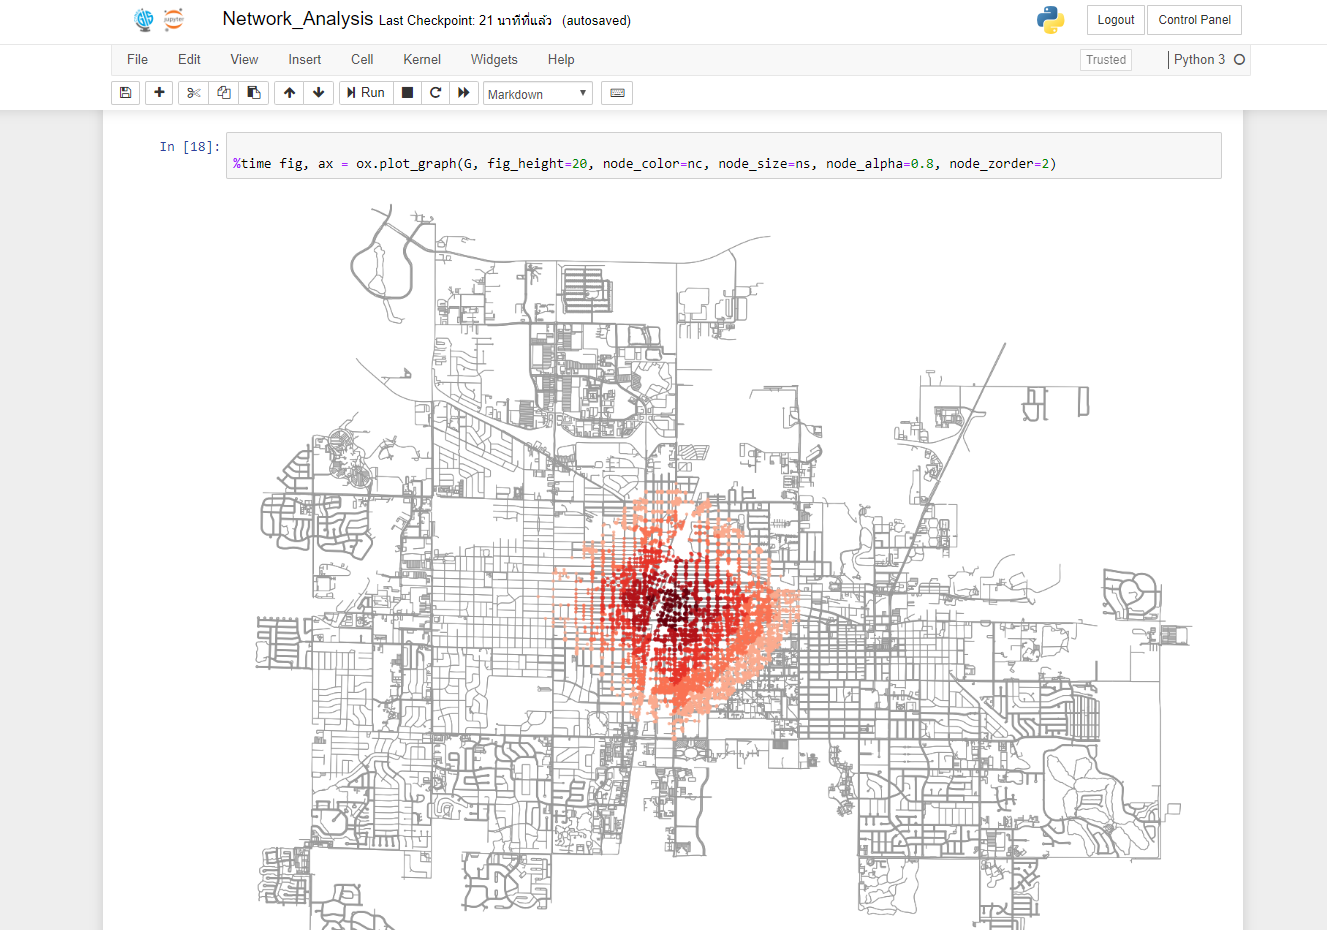 Network Analysis